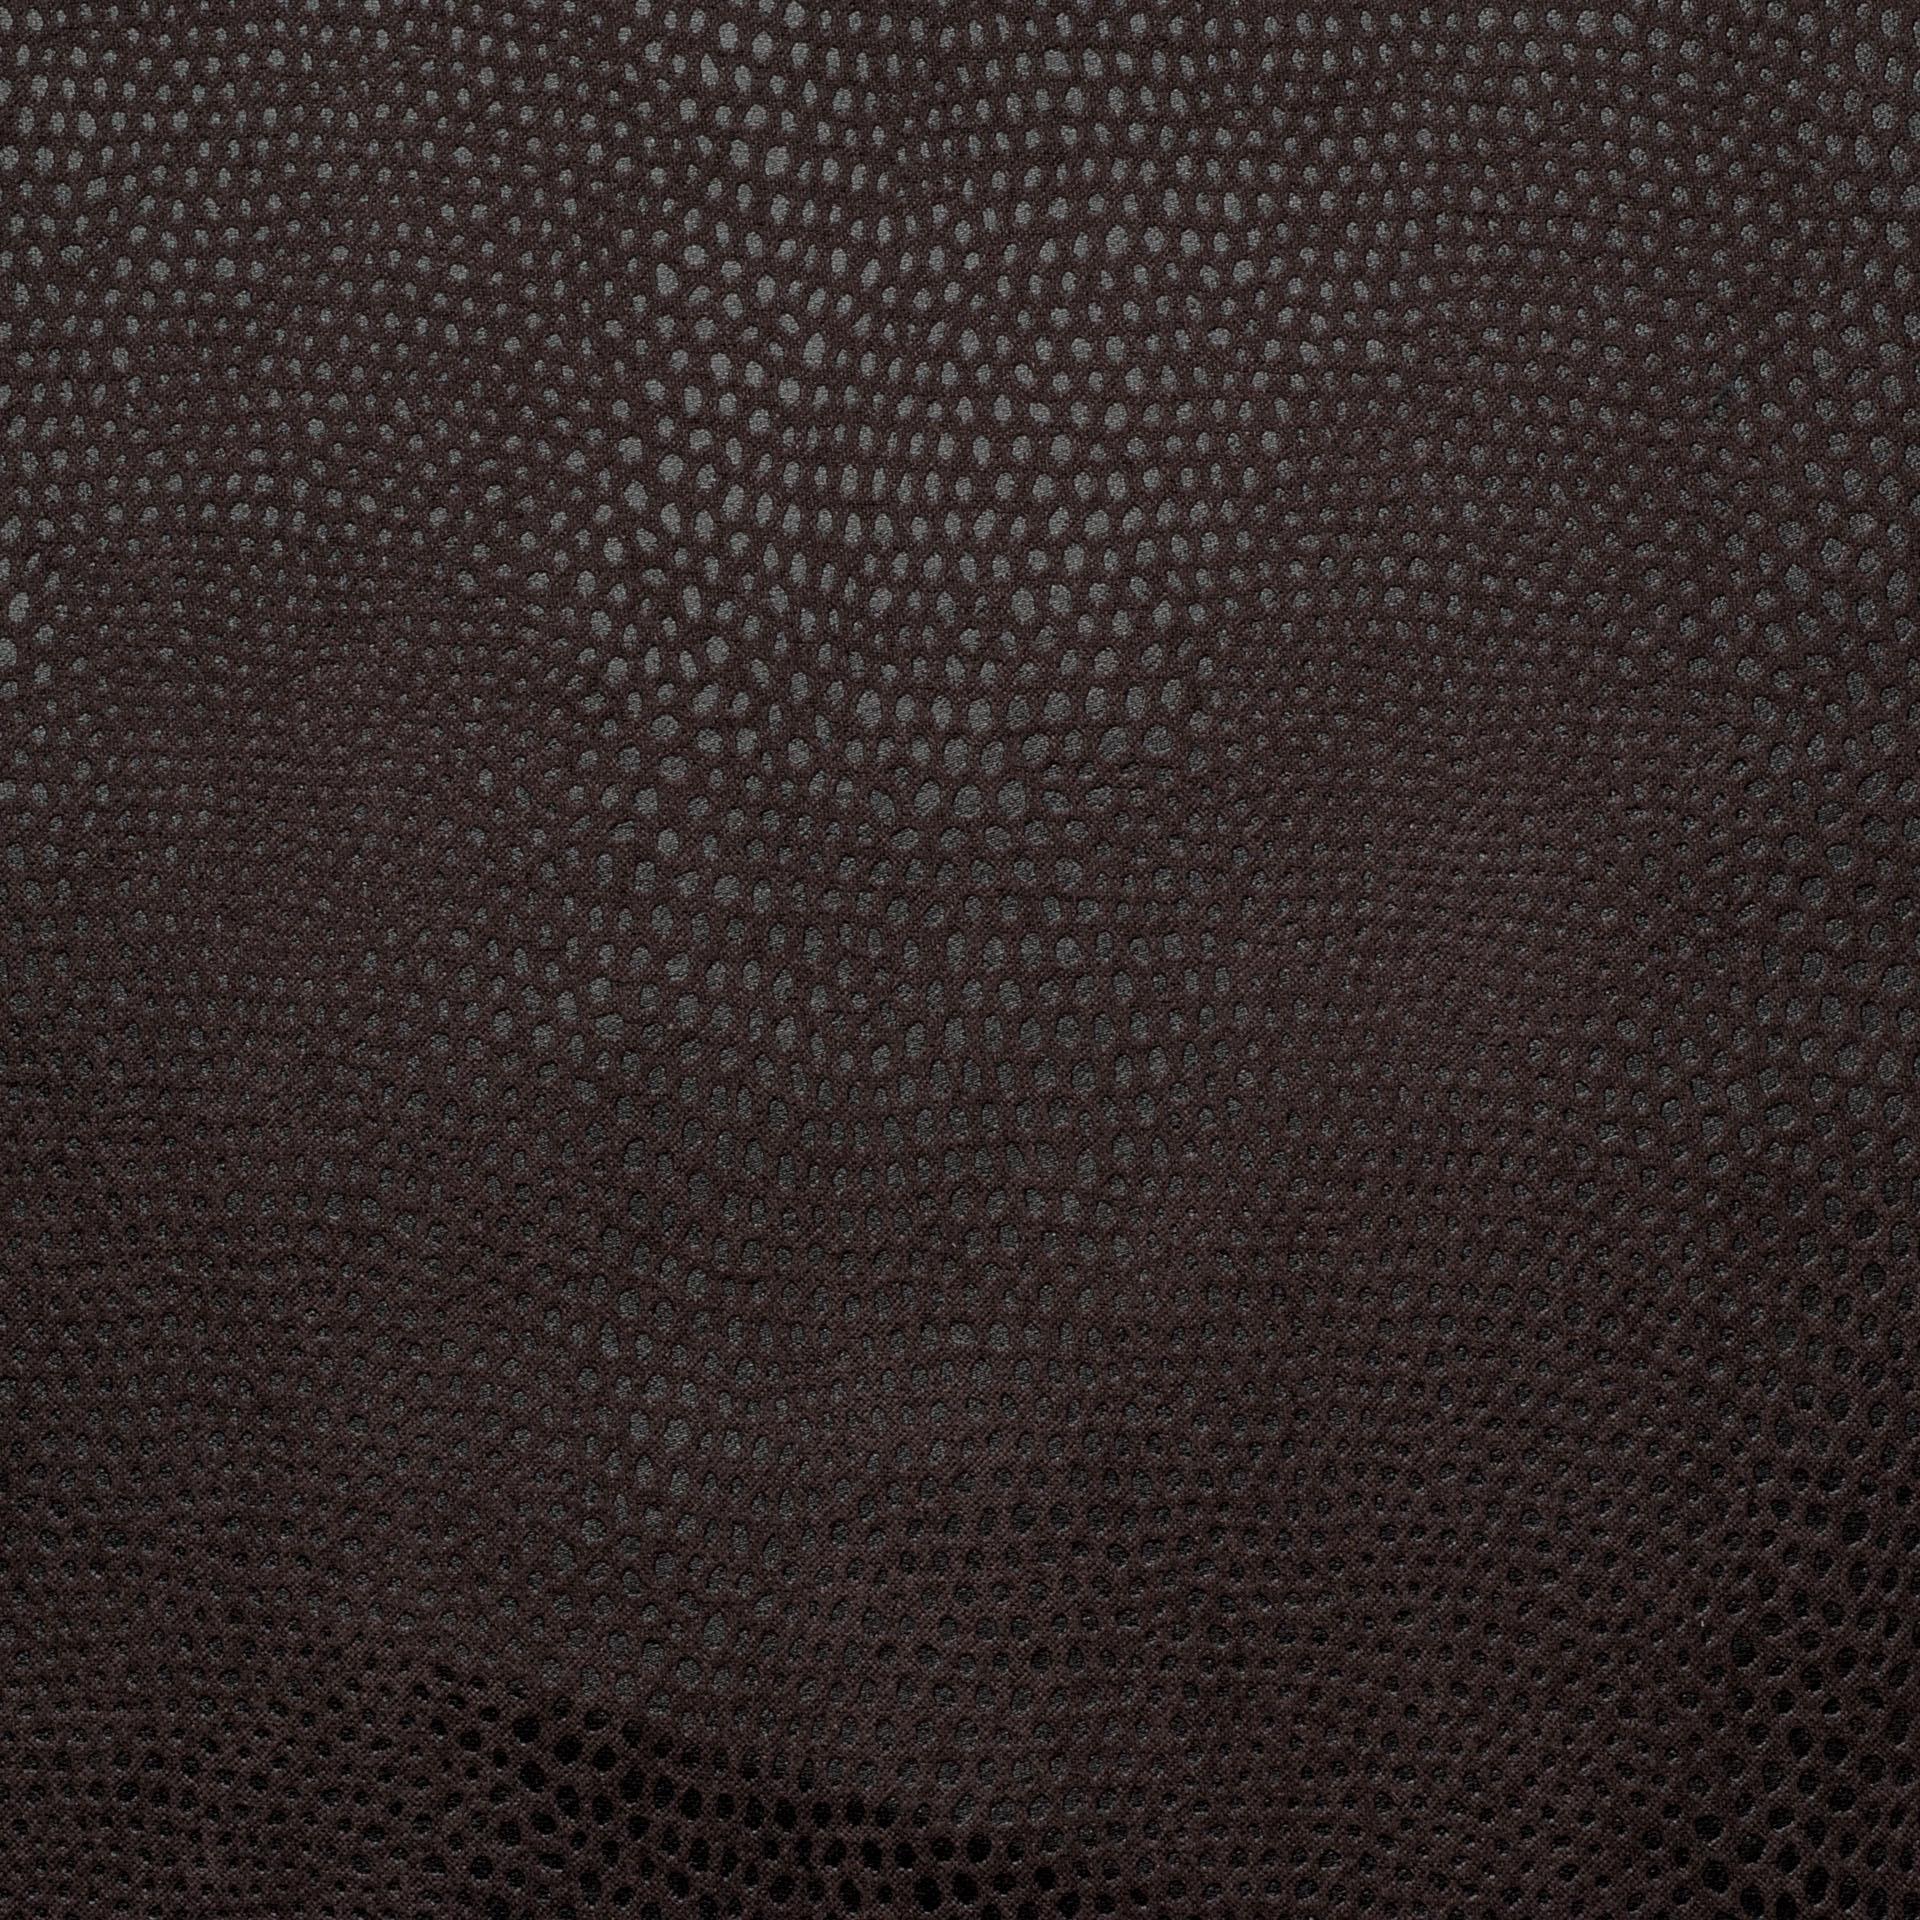 Коллекция ткани Снейк 6601 MARONE,  купить ткань Велюр для мебели Украина